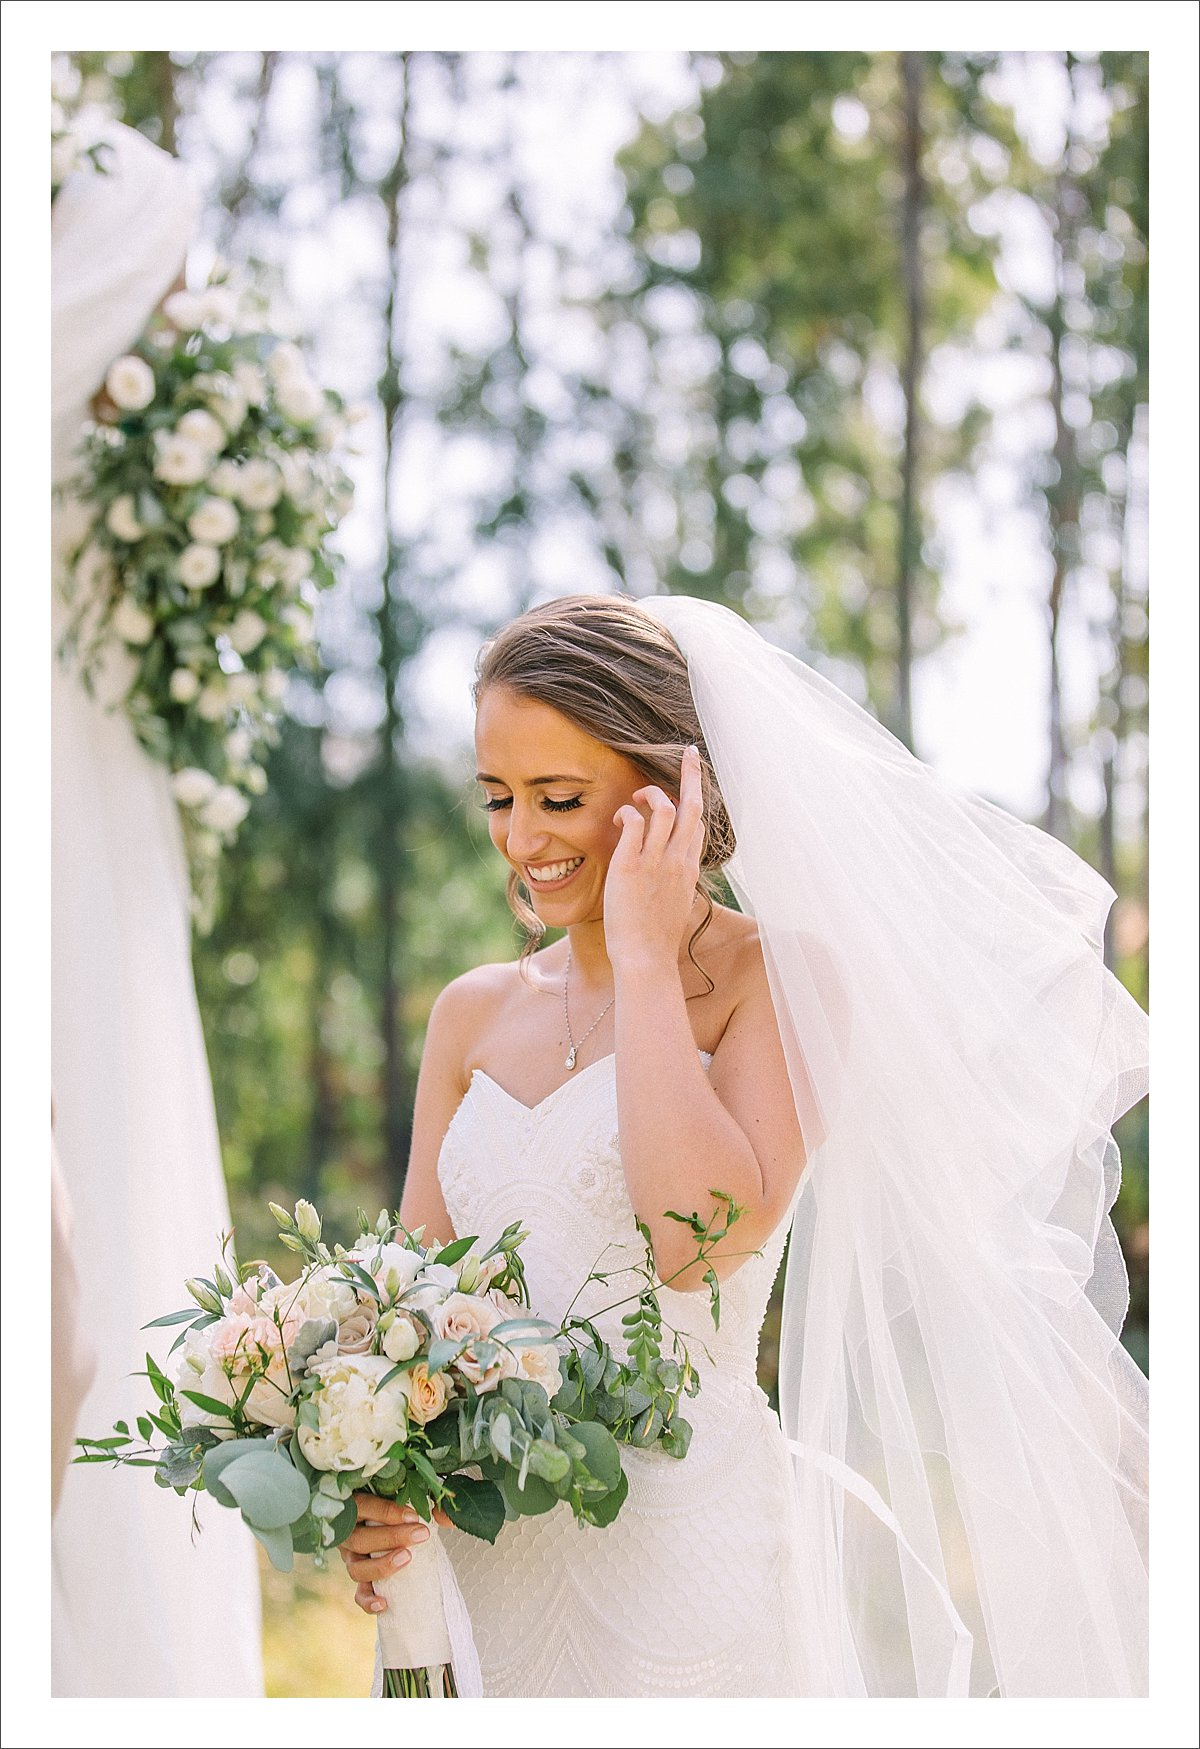 wedding ceremony by Gayle at Cortijo Rosa Blanca